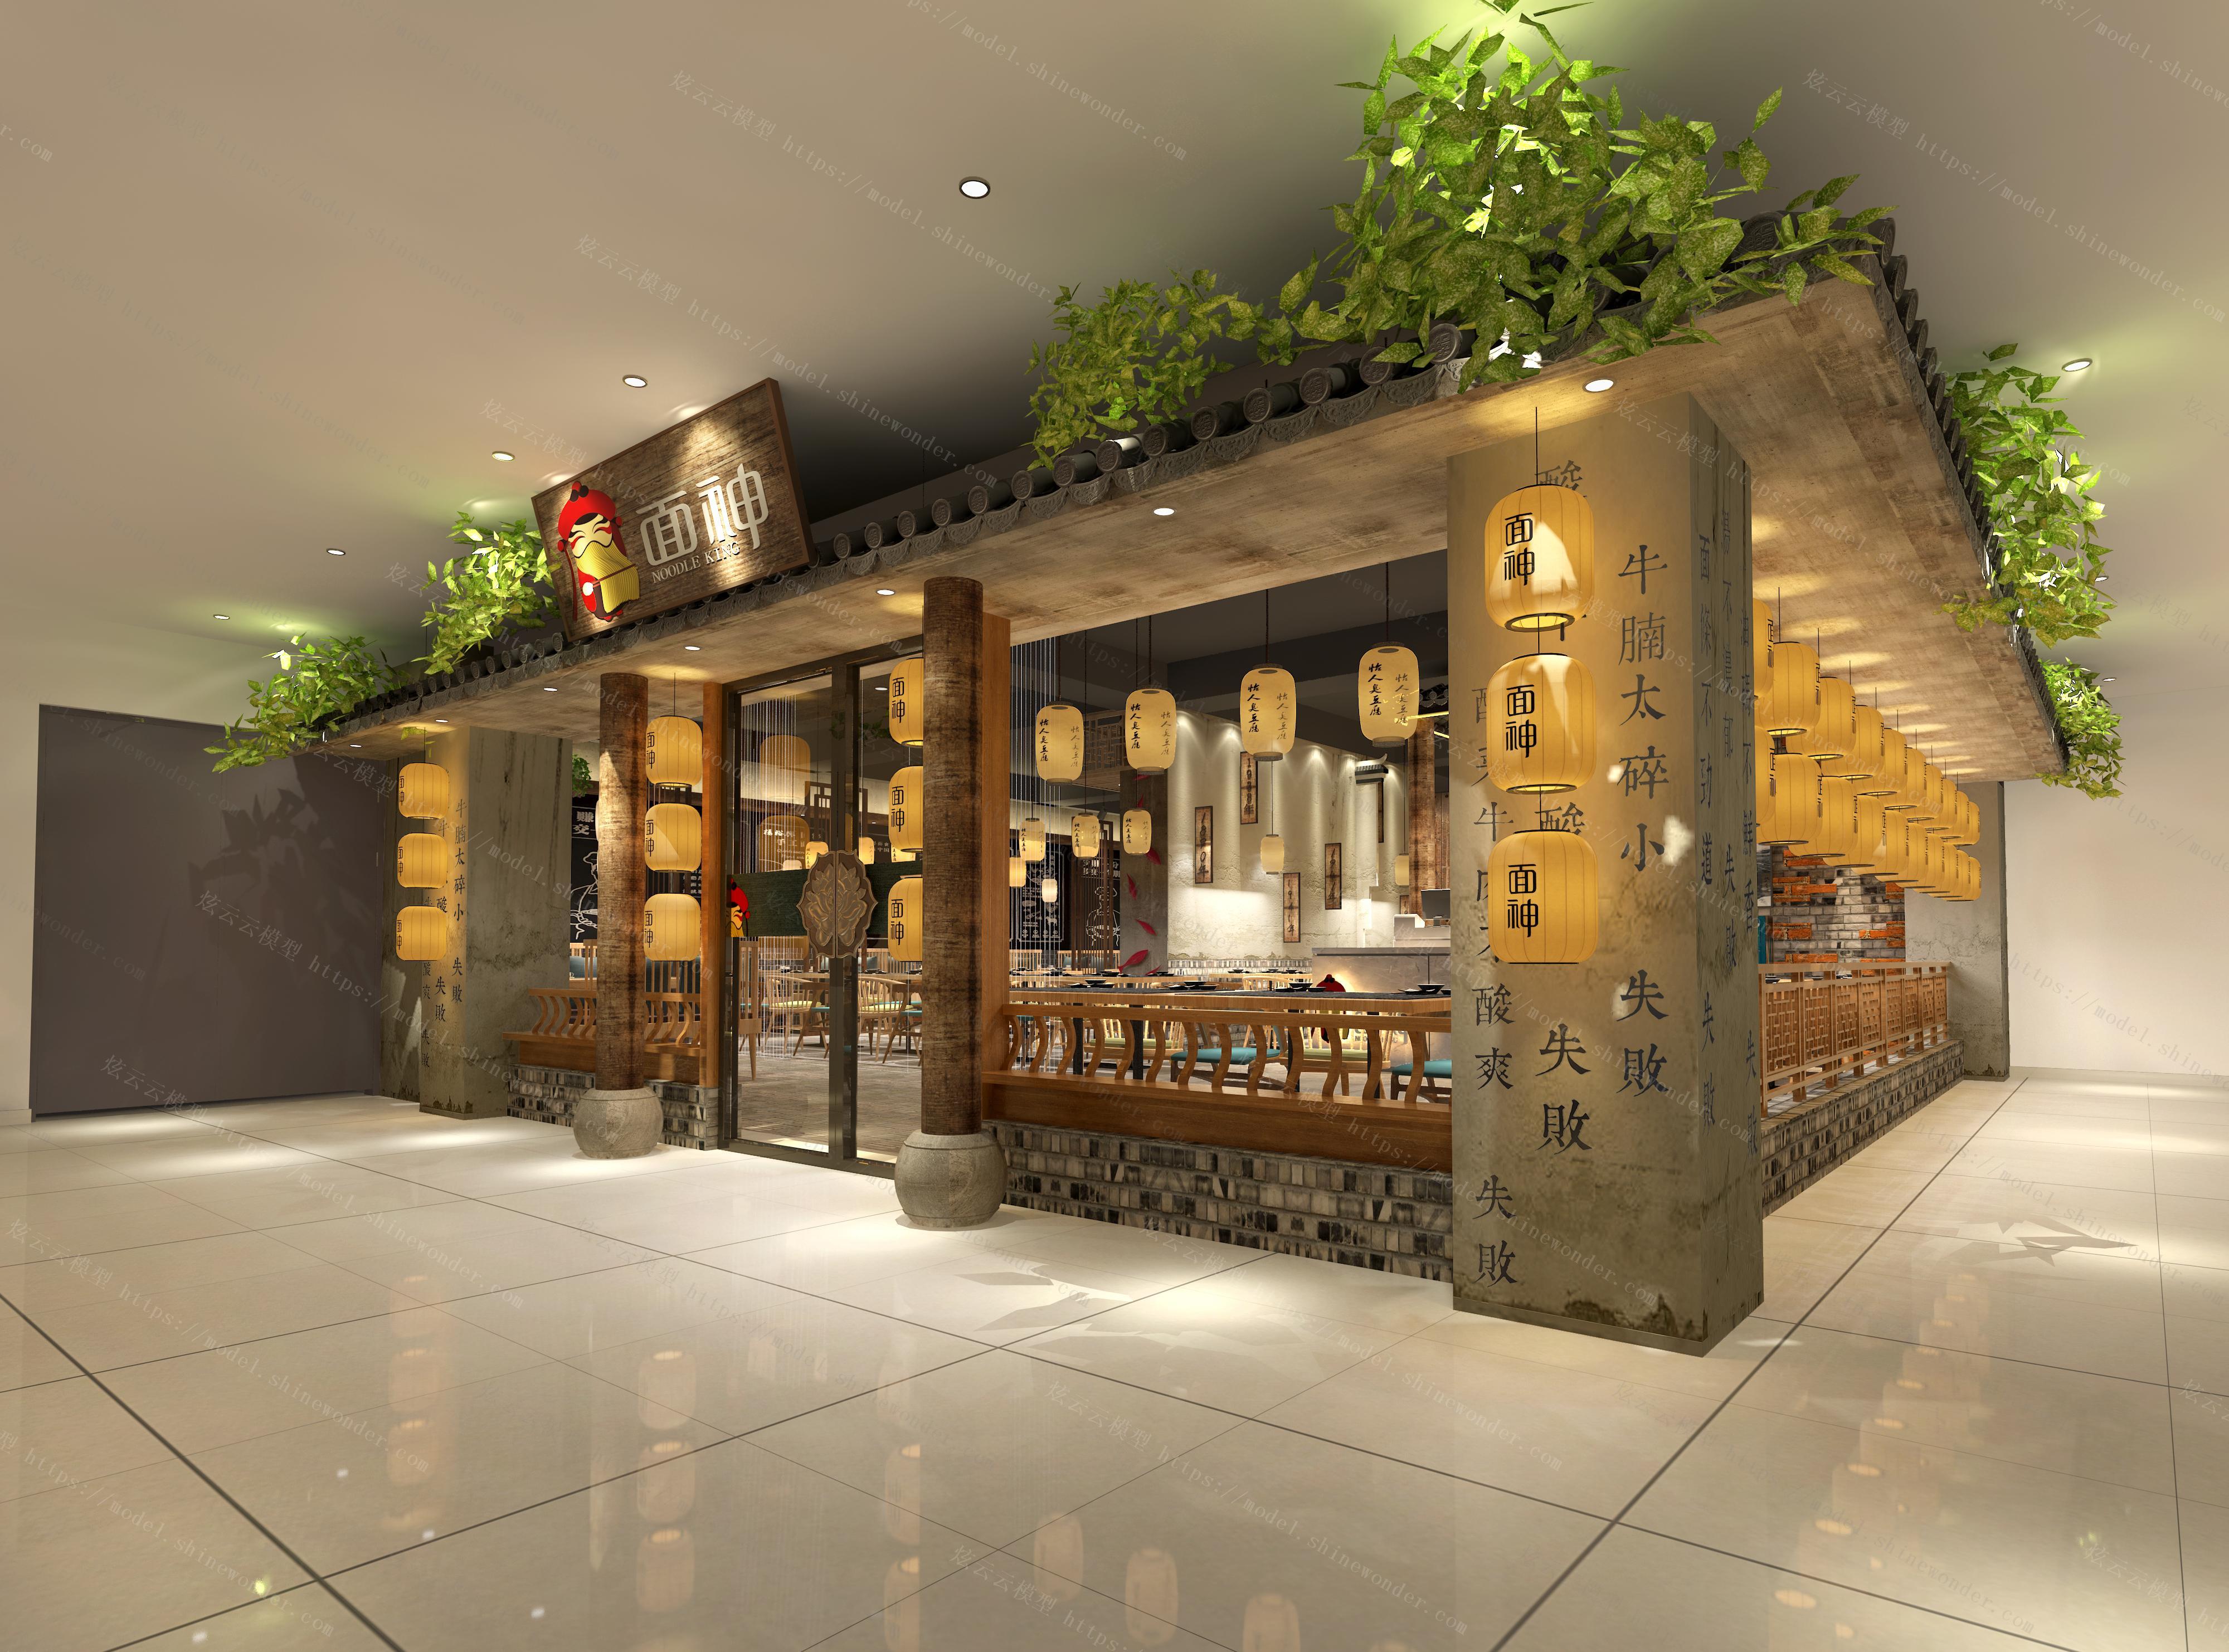 新中式面馆餐厅门头模型